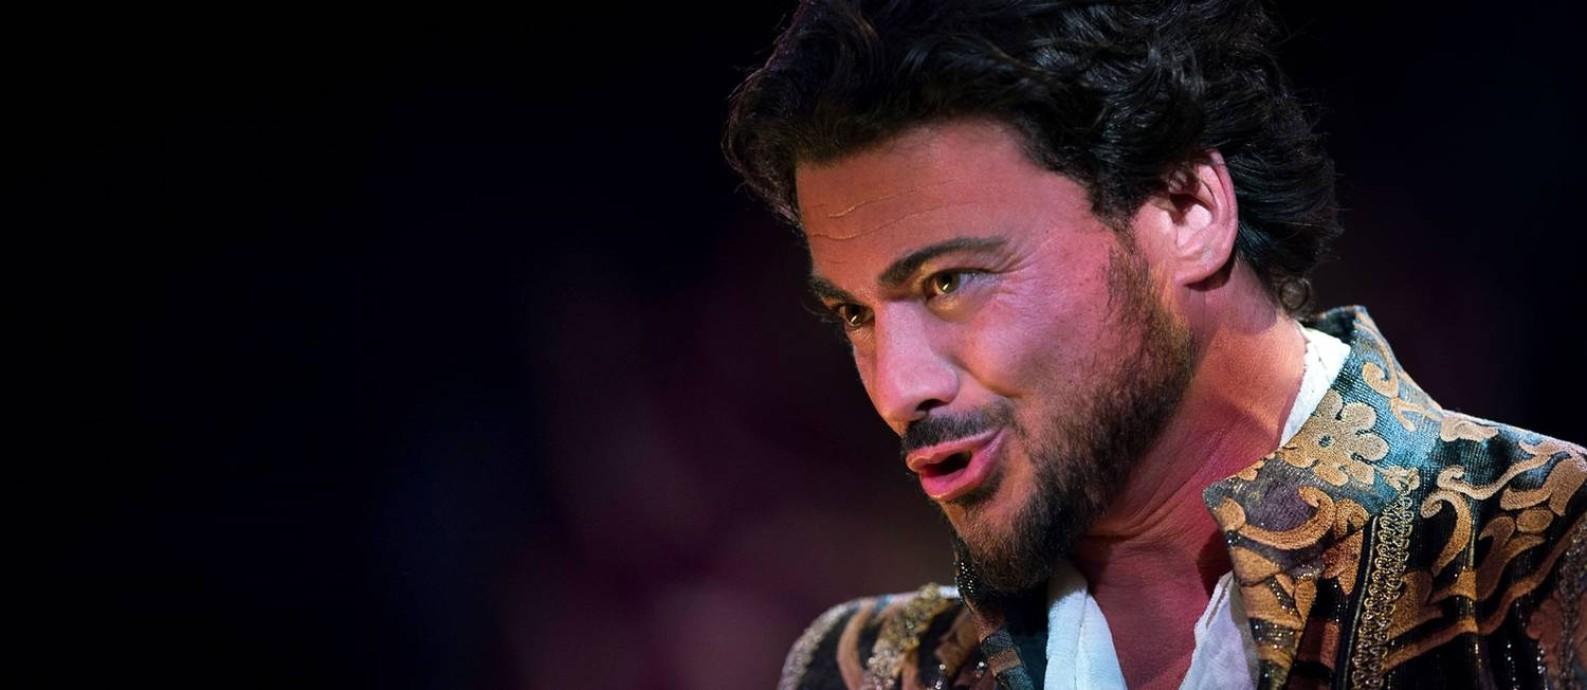 Vittorio Grigolo: um tenor em franca ascensão no Municipal Foto: Divulgação